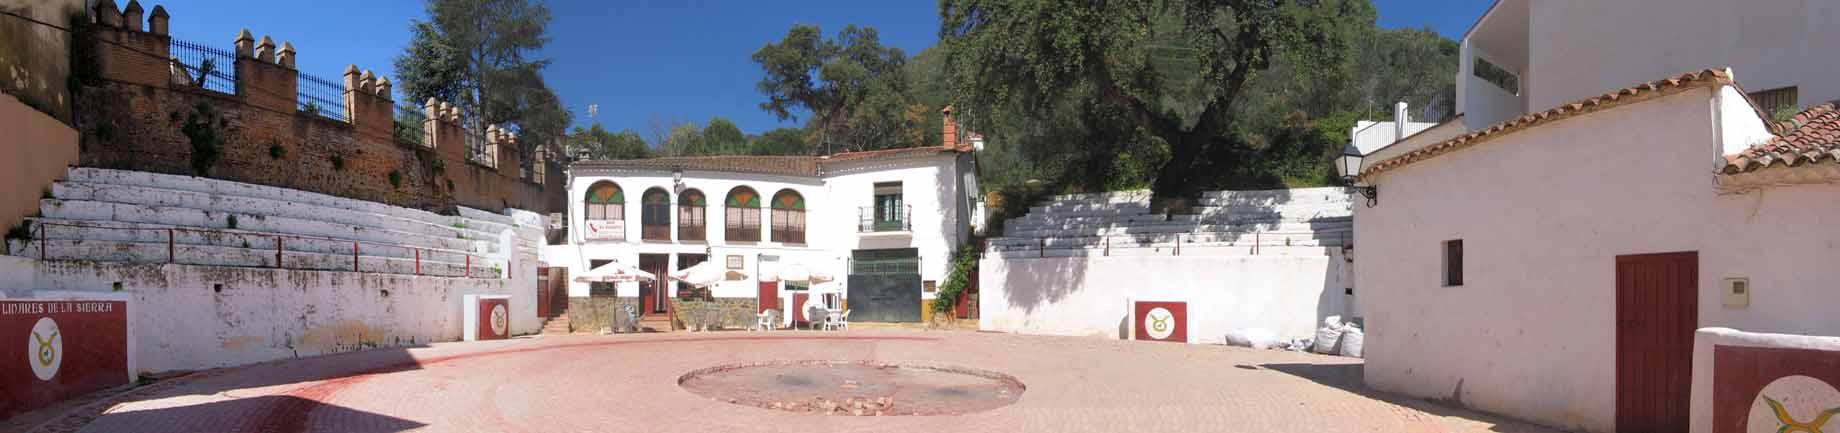 linares-de-la-sierra-plaza-de-toros-2